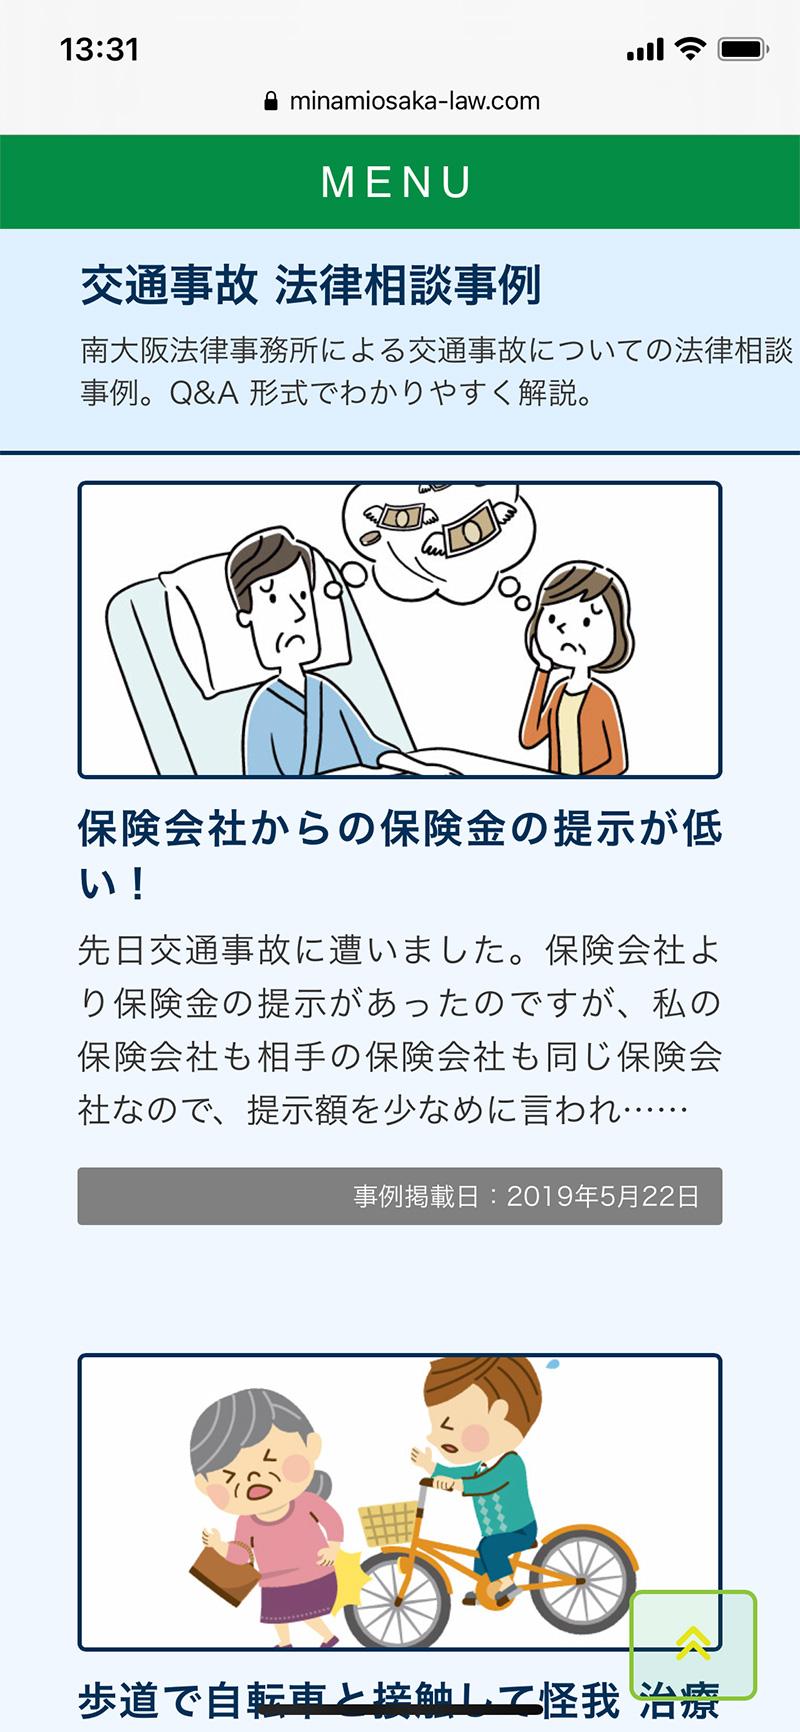 南大阪法律事務所のスマホサイト02